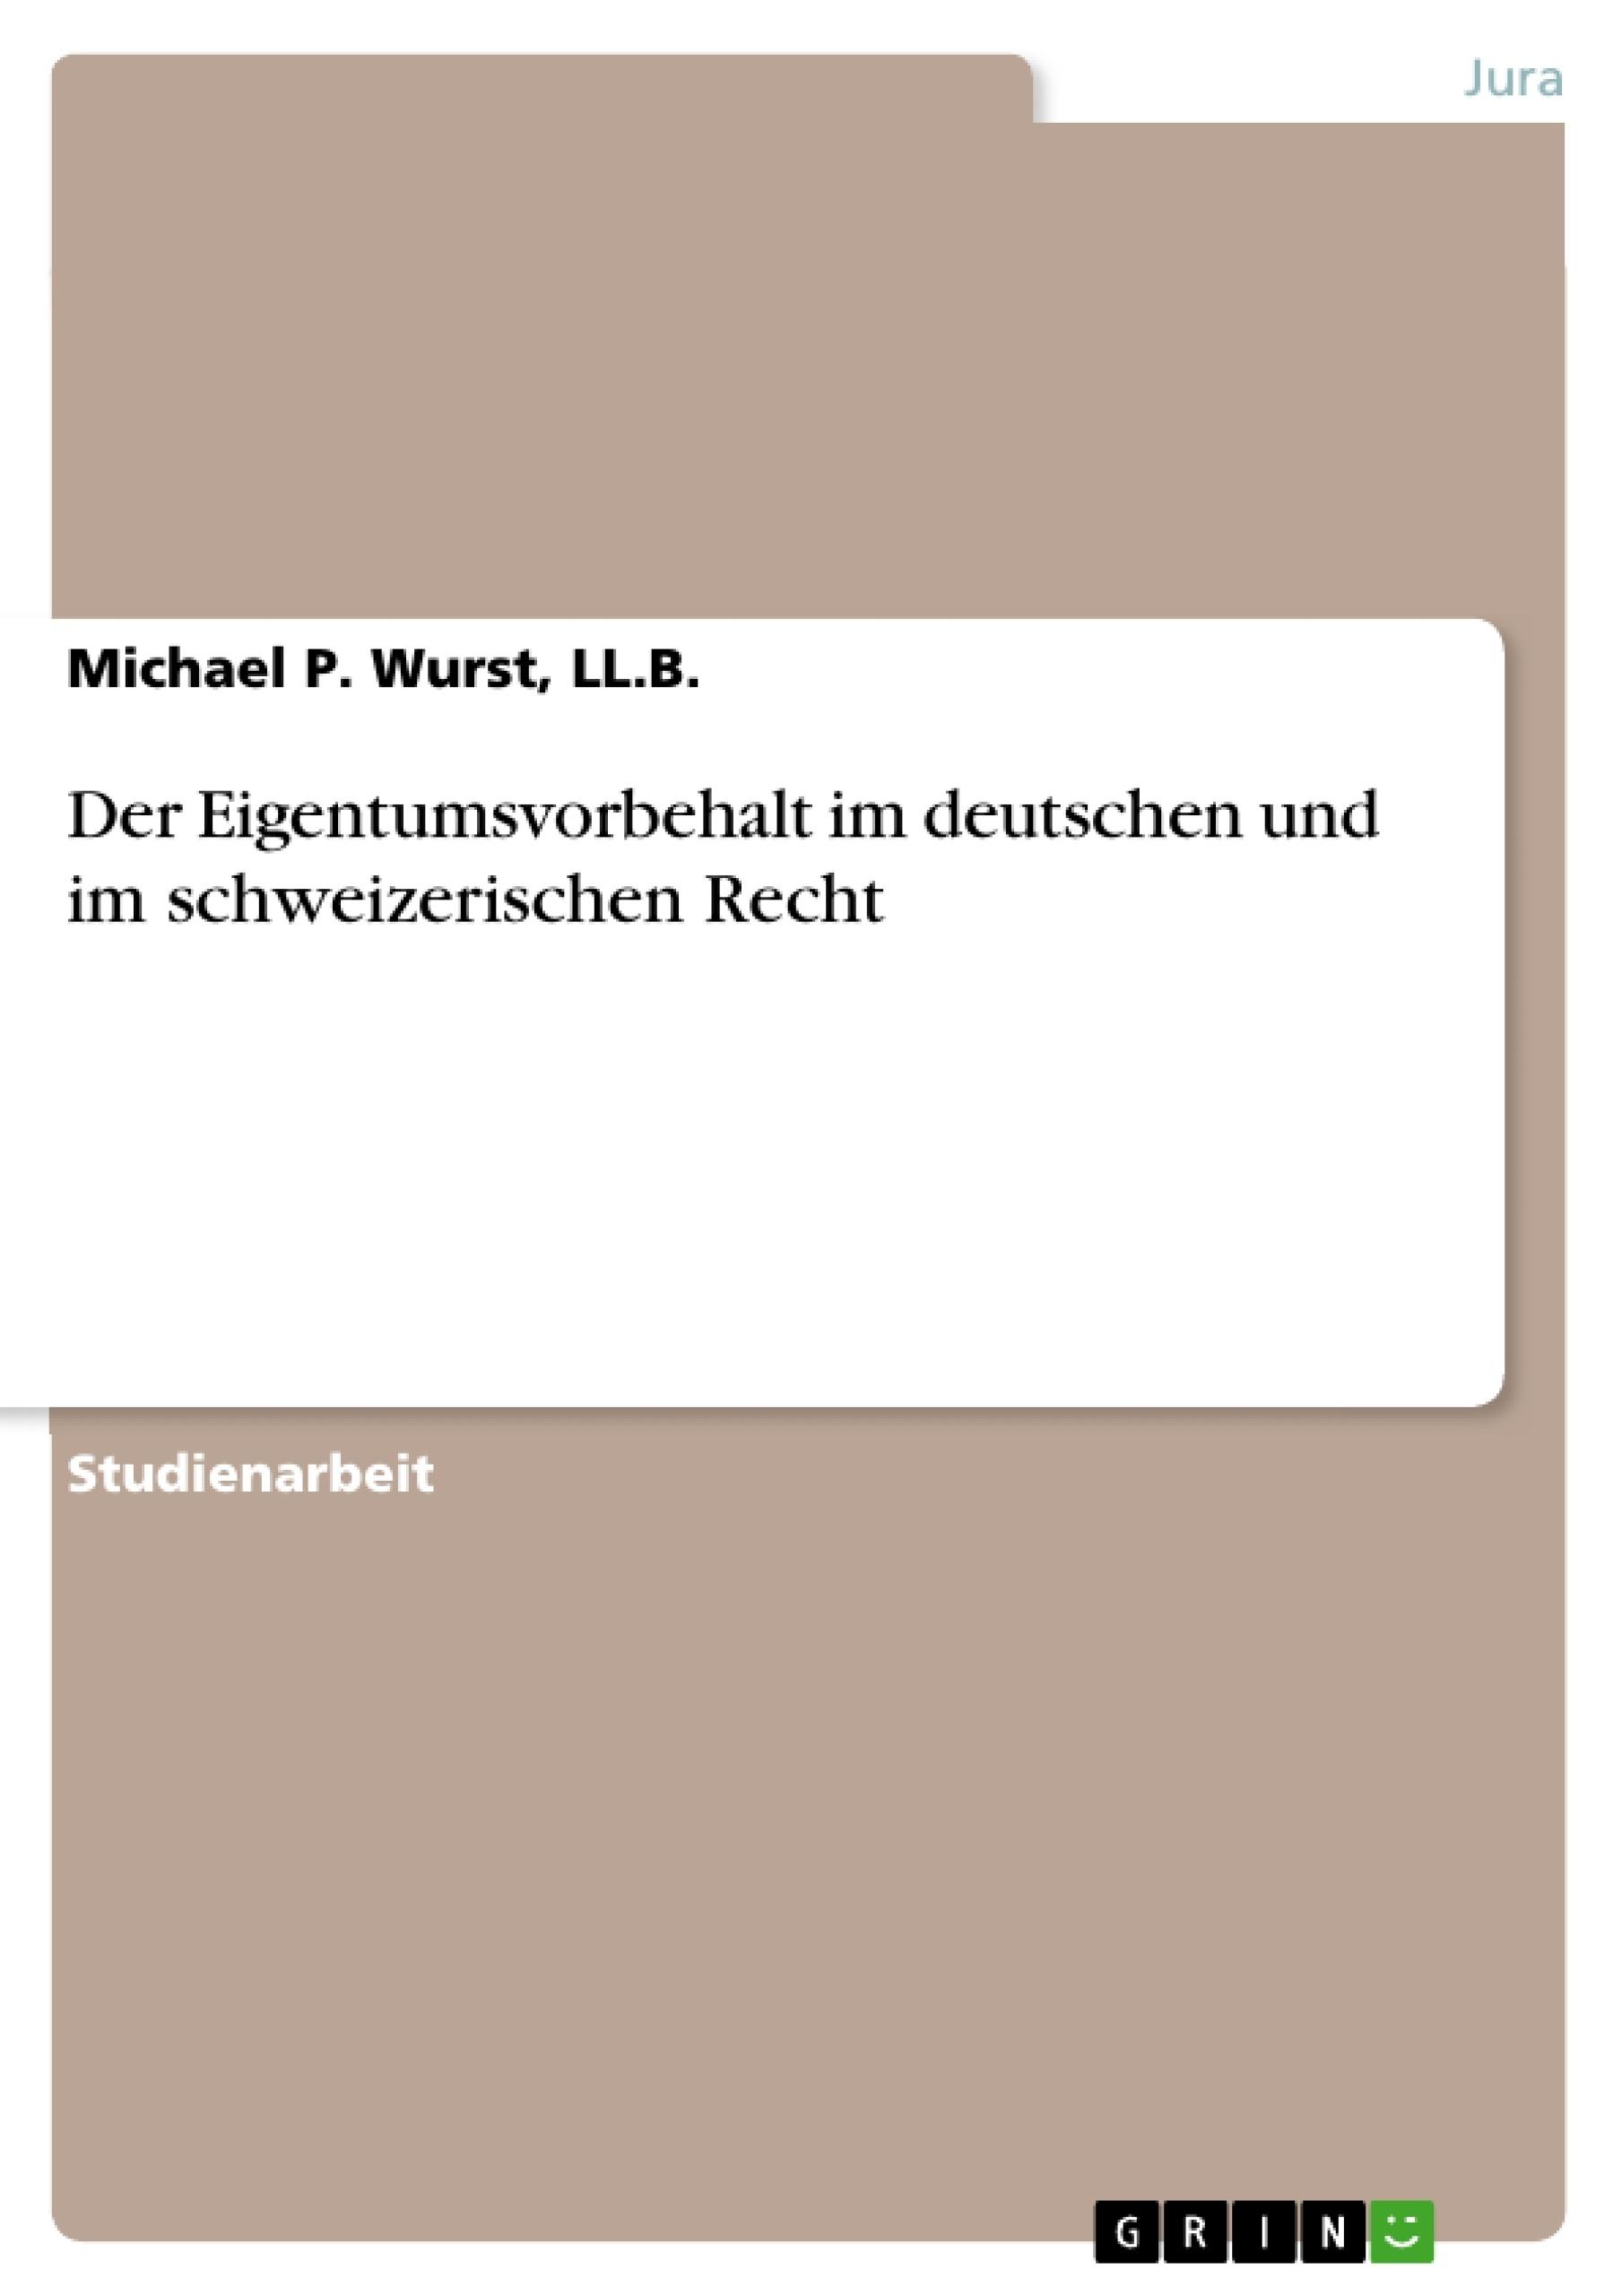 Titel: Der Eigentumsvorbehalt im deutschen und im schweizerischen Recht